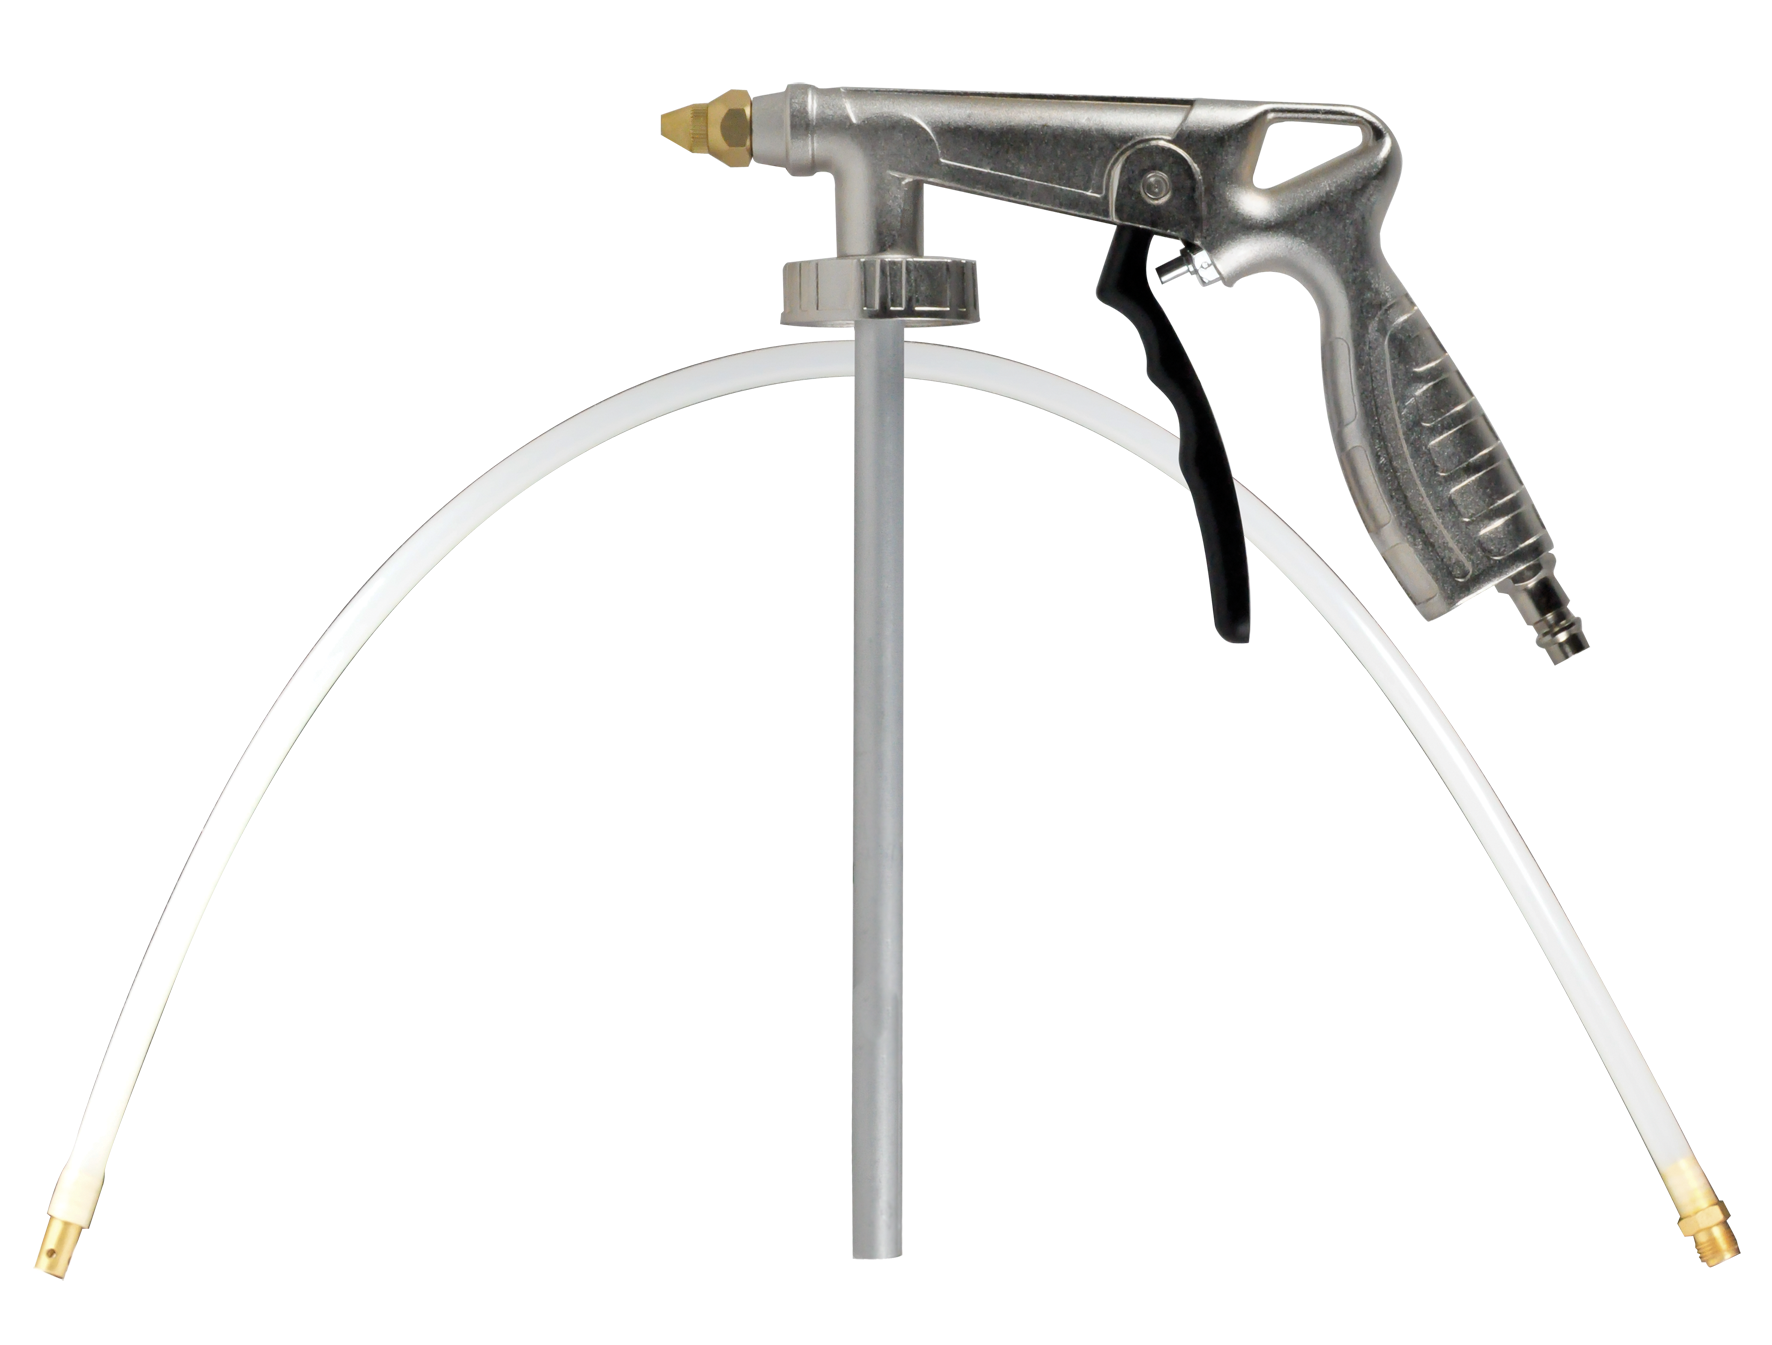 SWSTAHL Druckluft Unterbodenschutzpistole 25050L